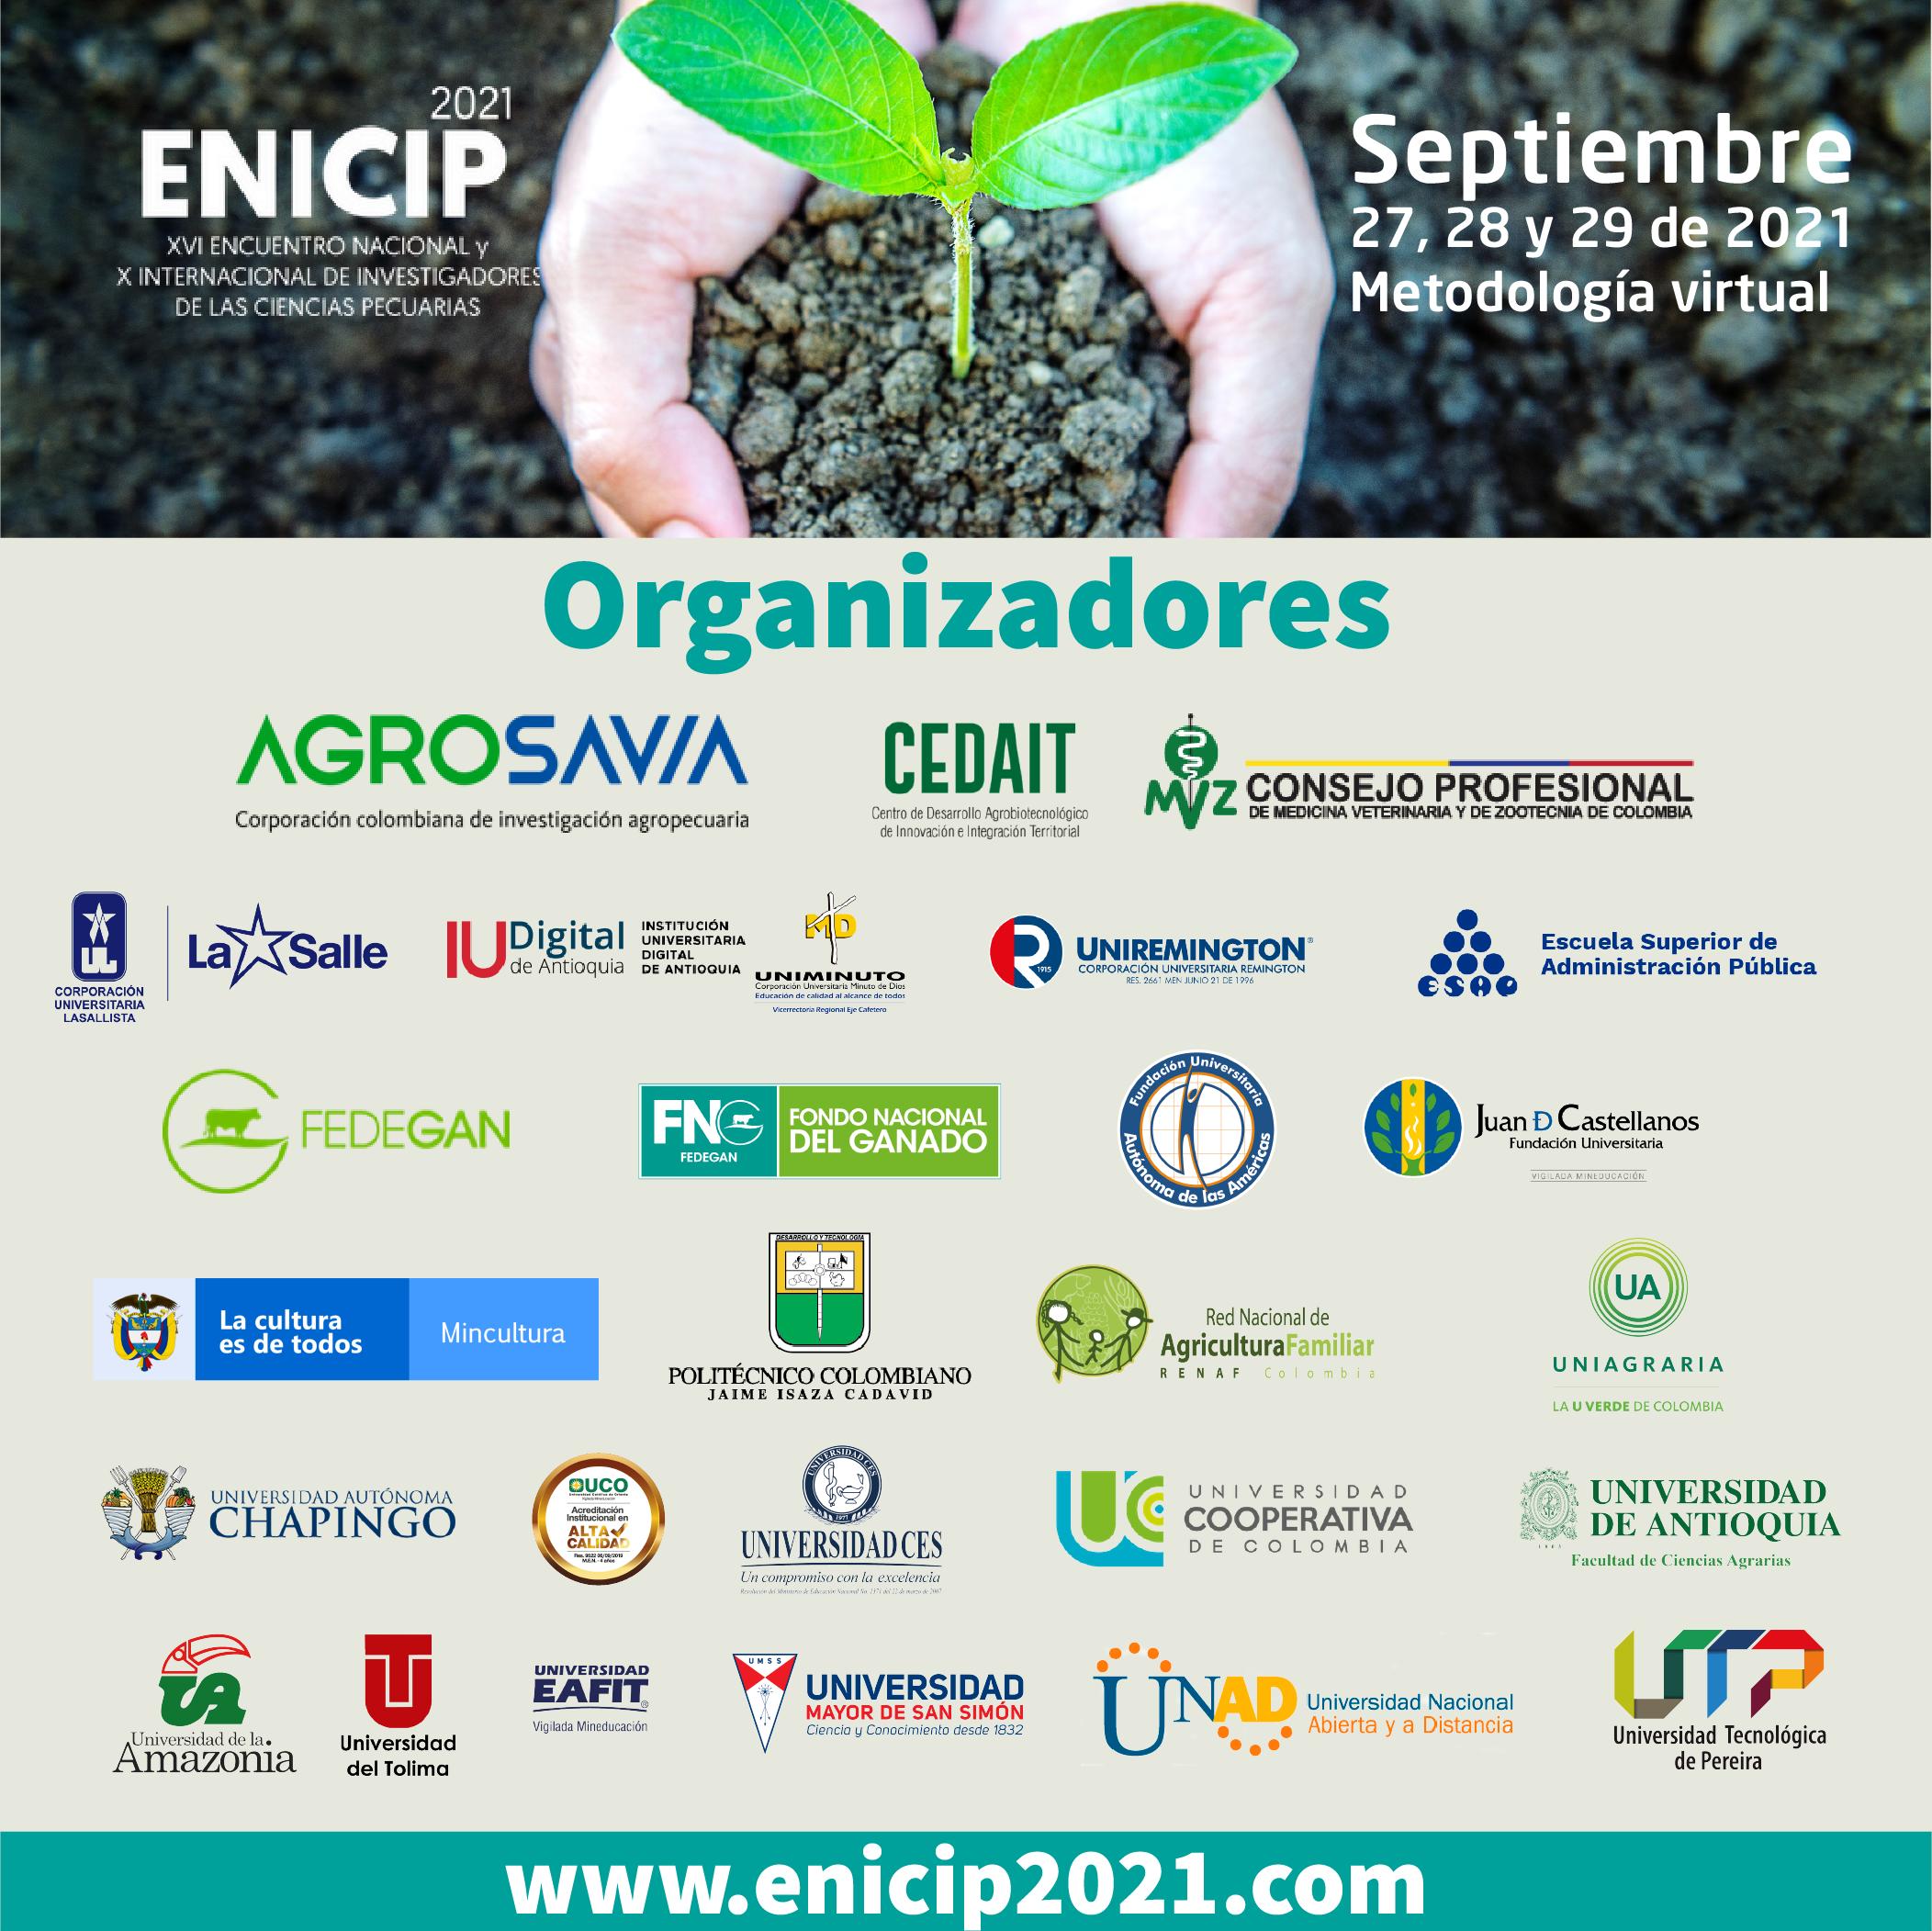 XVI Encuentro Nacional y IX Internacional de investigadores de las ciencias pecuarias